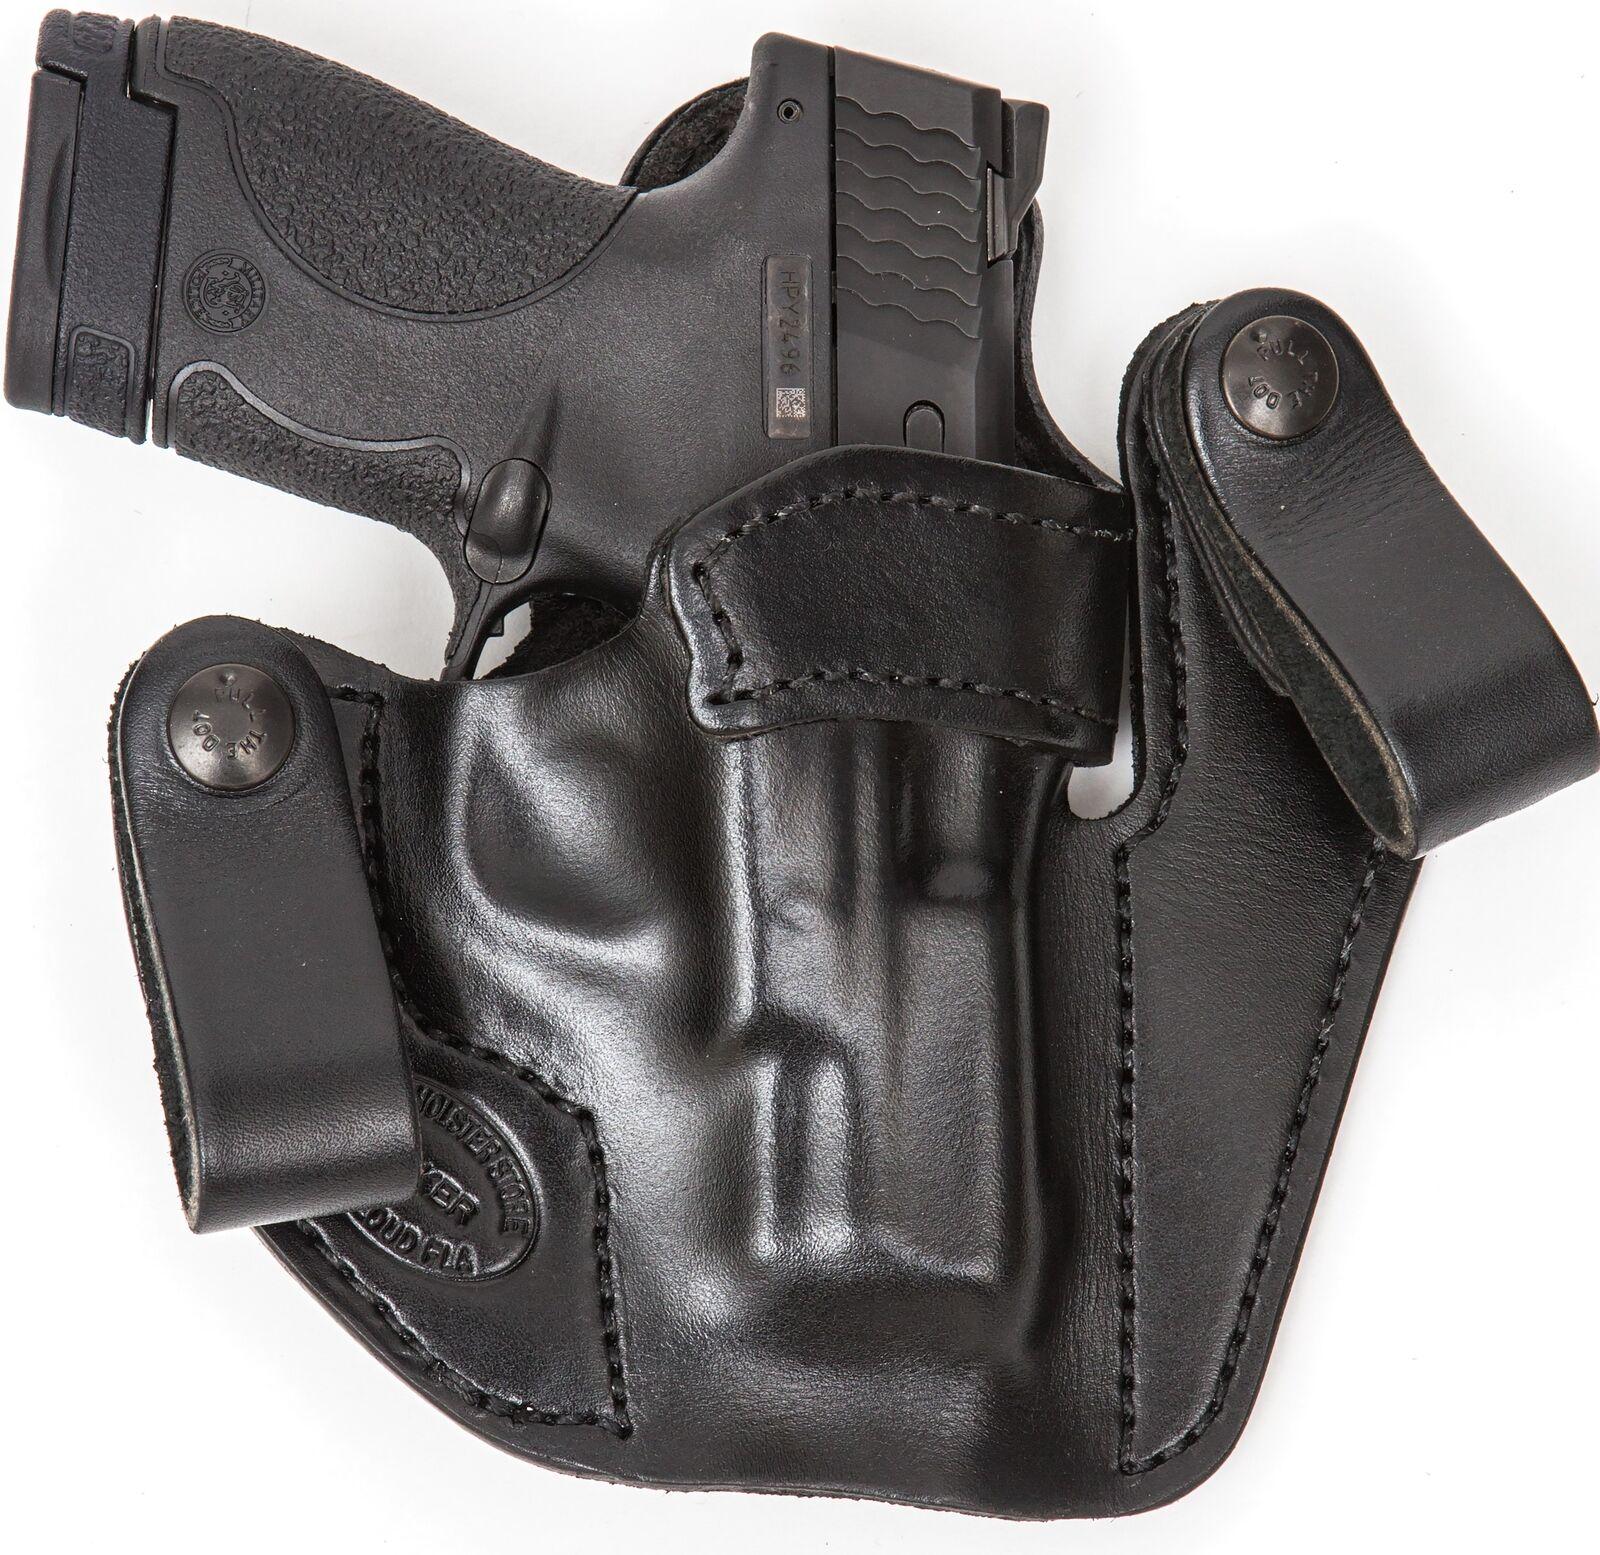 XTREME llevar RH LH dentro de la cintura de cuero Funda Pistola Para S&W Bodyguard 380 con láser compacto